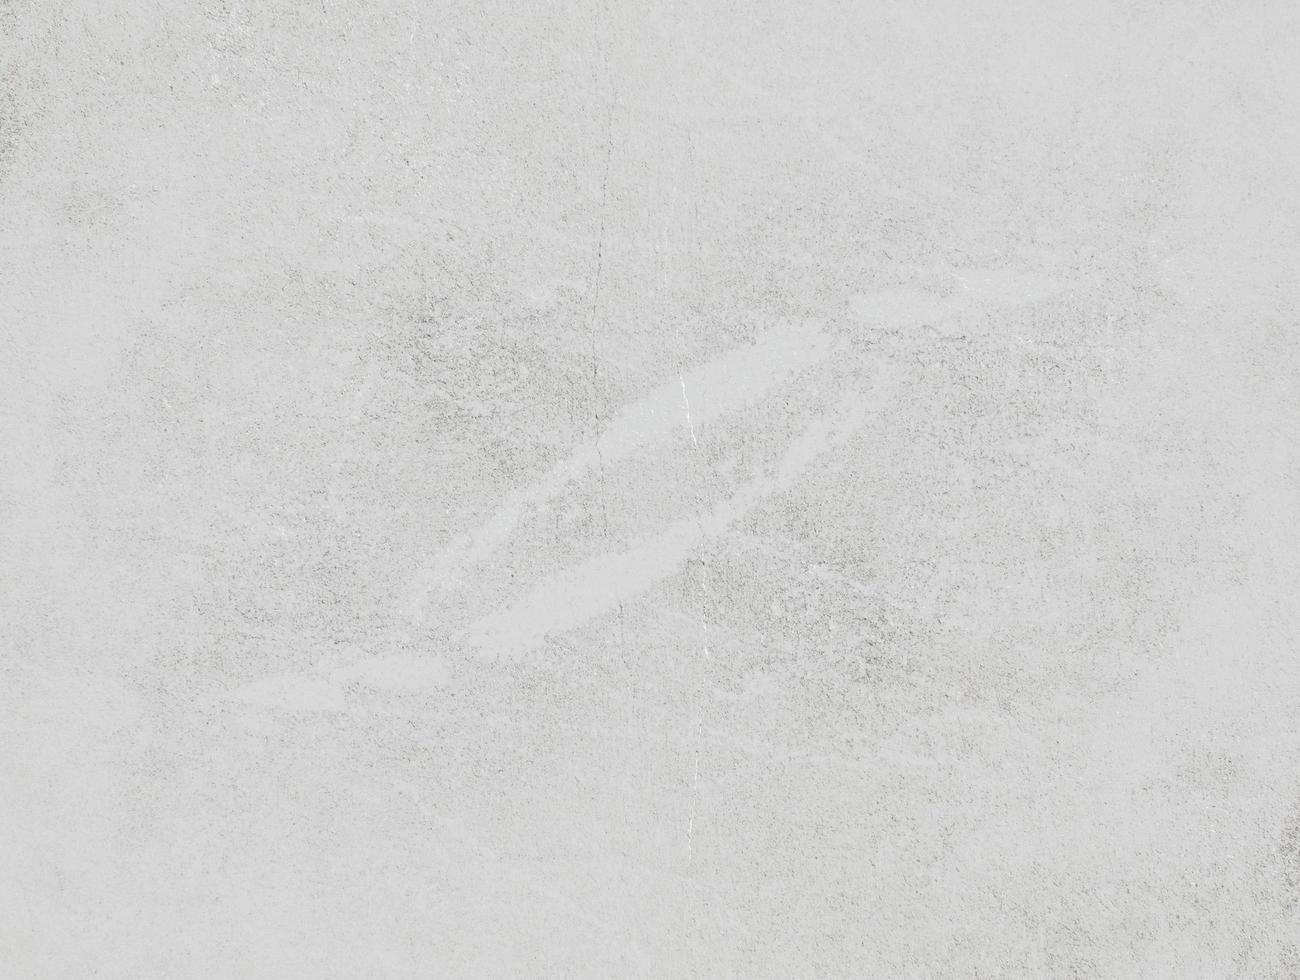 struttura del muro di cemento grigio foto